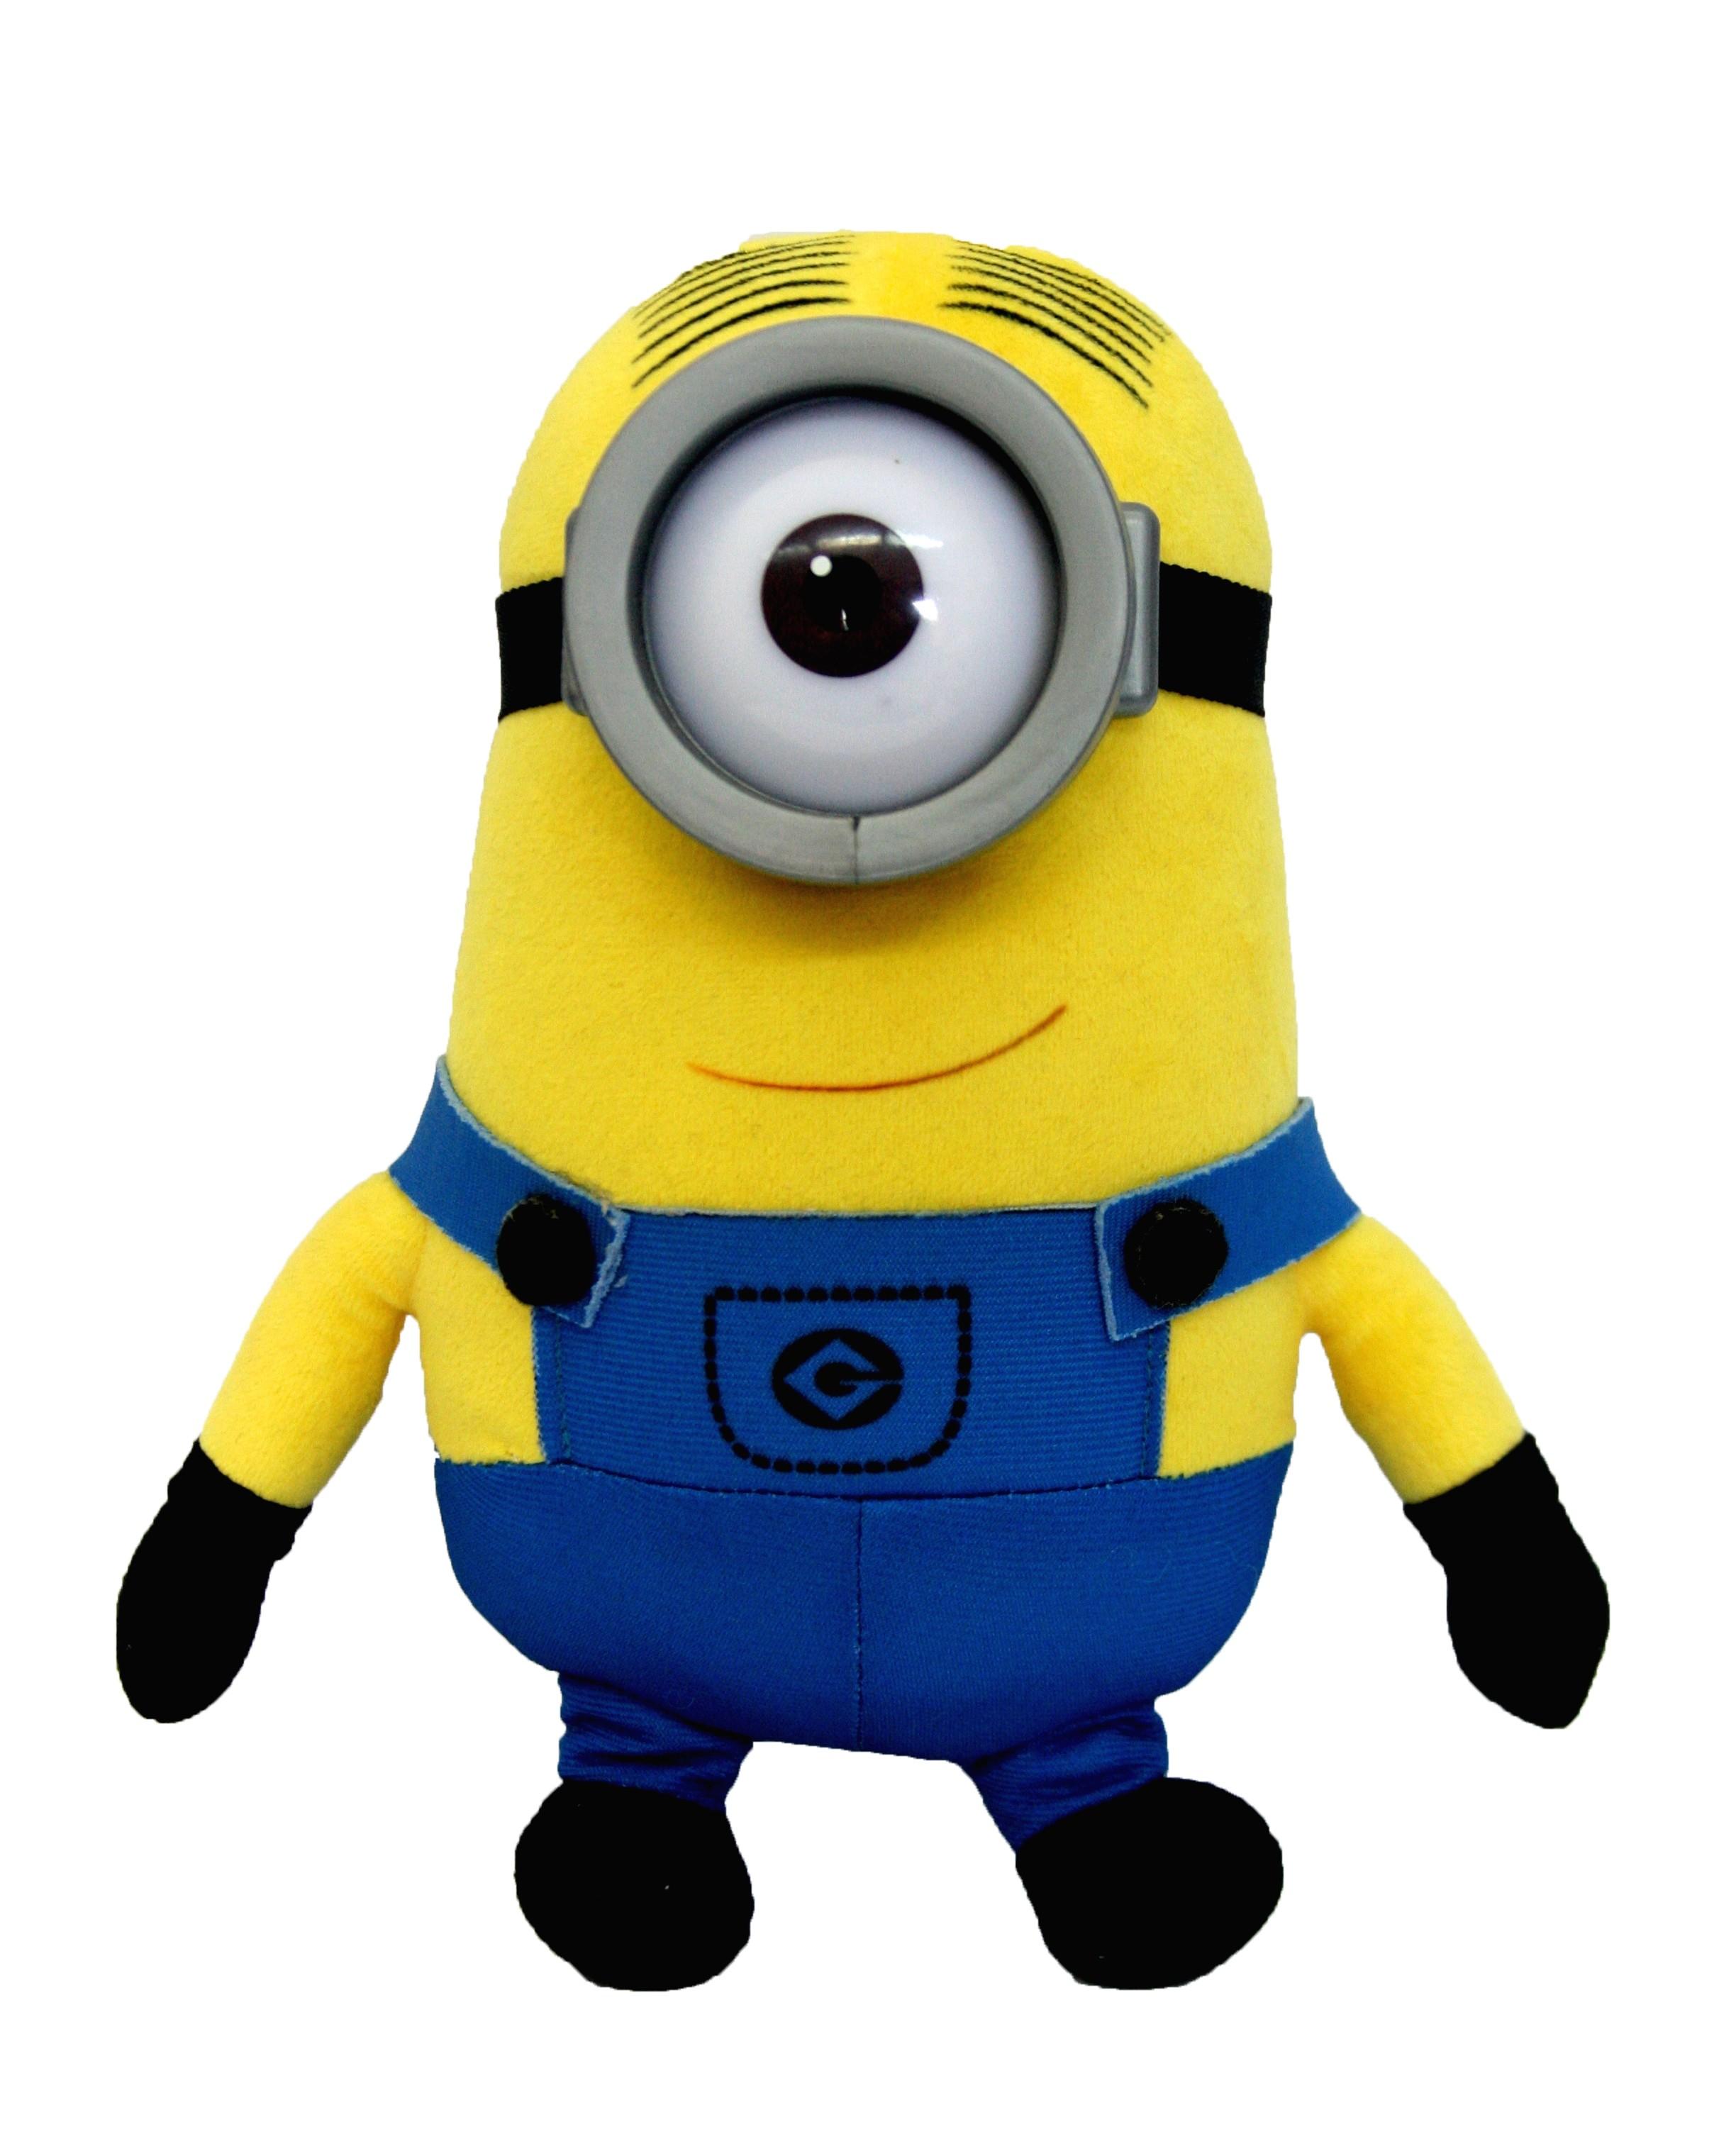 Мягкие игрушки СмолТойс Миньон Стюарт 20 см энн стюарт любимица звезд